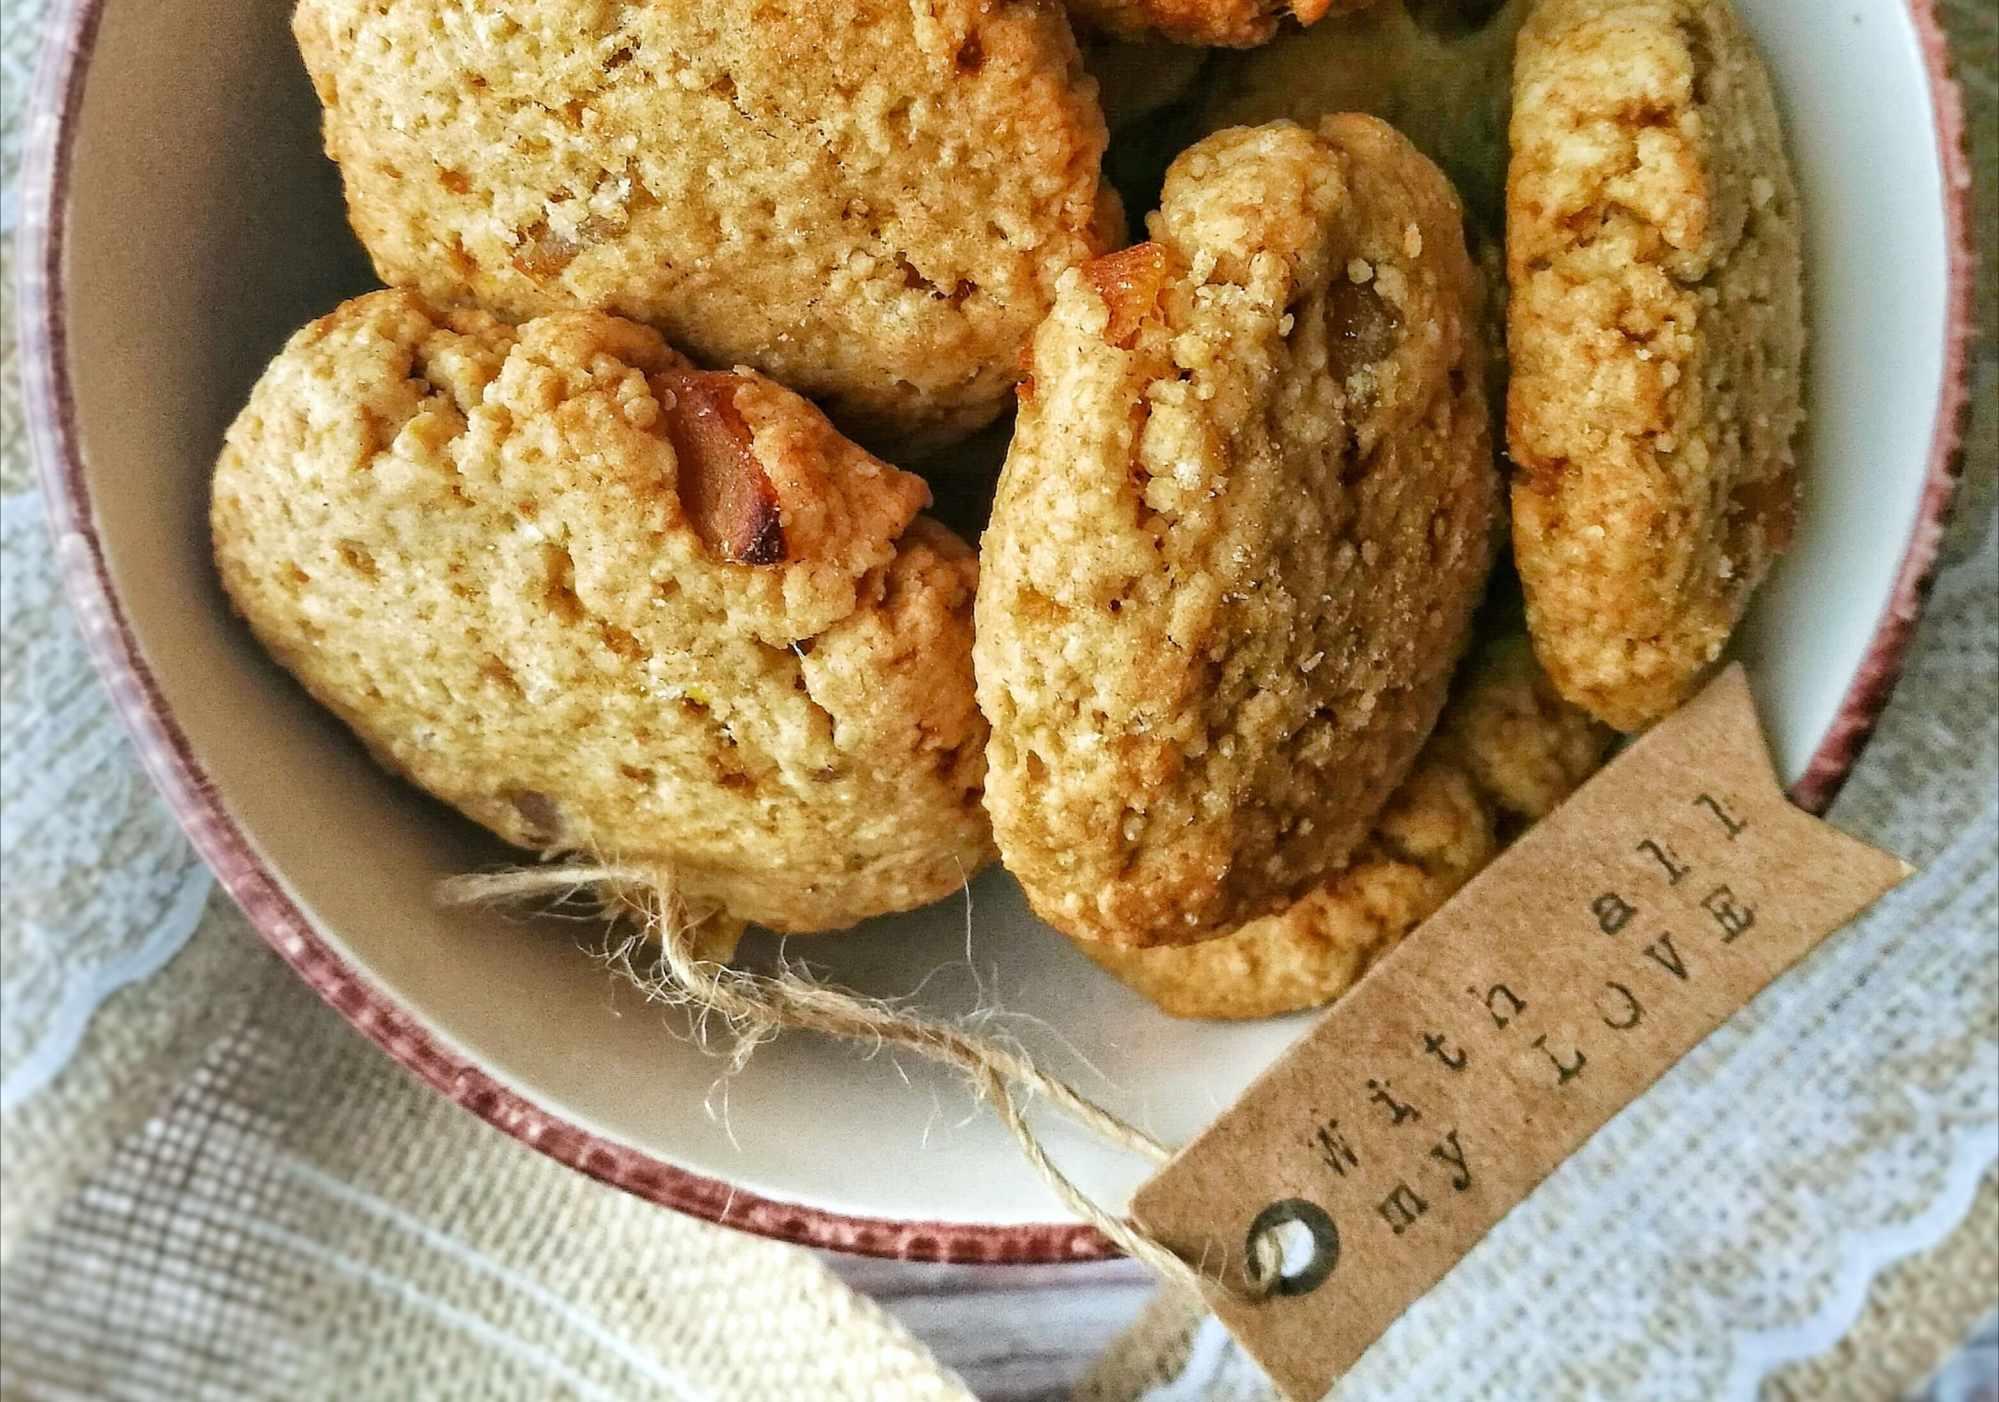 Biscotti di cous cous integrale, al limone ed albicocche secche - Non Chiamatela Dieta